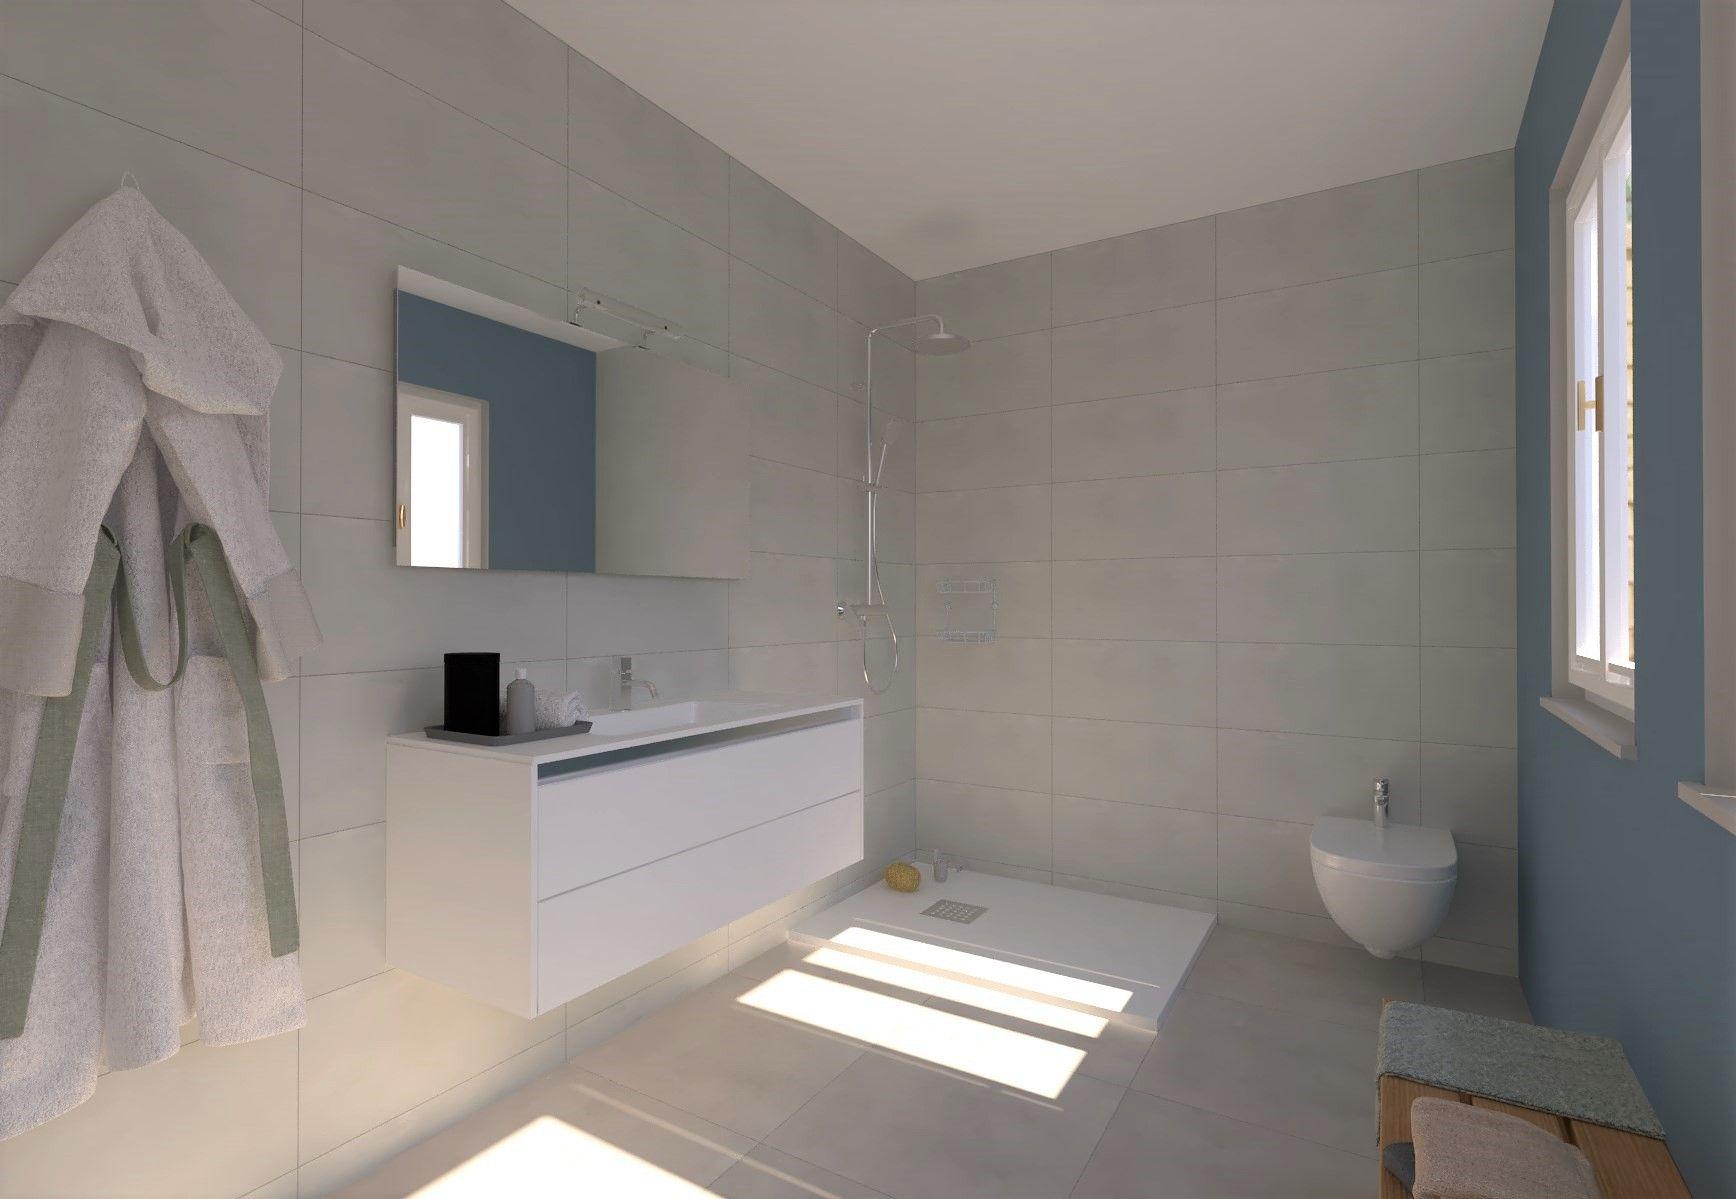 Salle De Bain Epure Carrelage Et Faience Blanche Legerement Satine Par Endroit Narbonne Alcove Bathtub Home Decor Bathtub